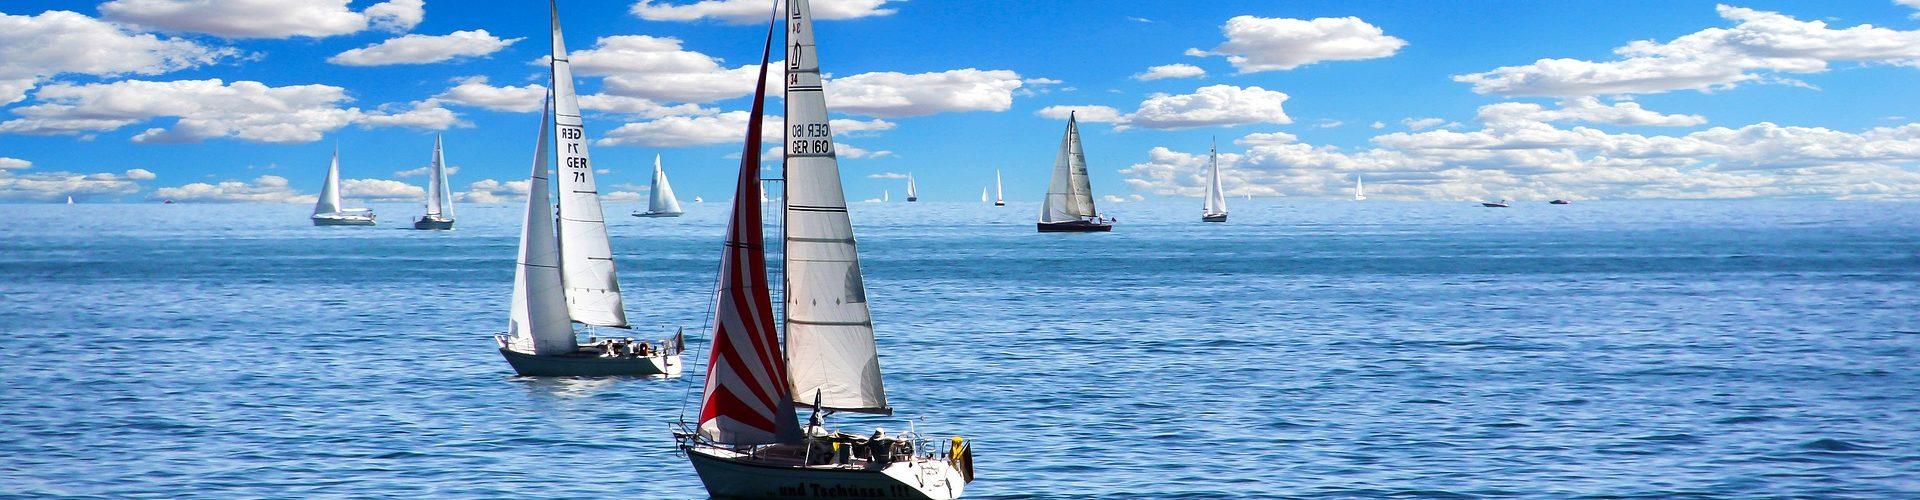 segeln lernen in Oberuckersee segelschein machen in Oberuckersee 1920x500 - Segeln lernen in Oberuckersee